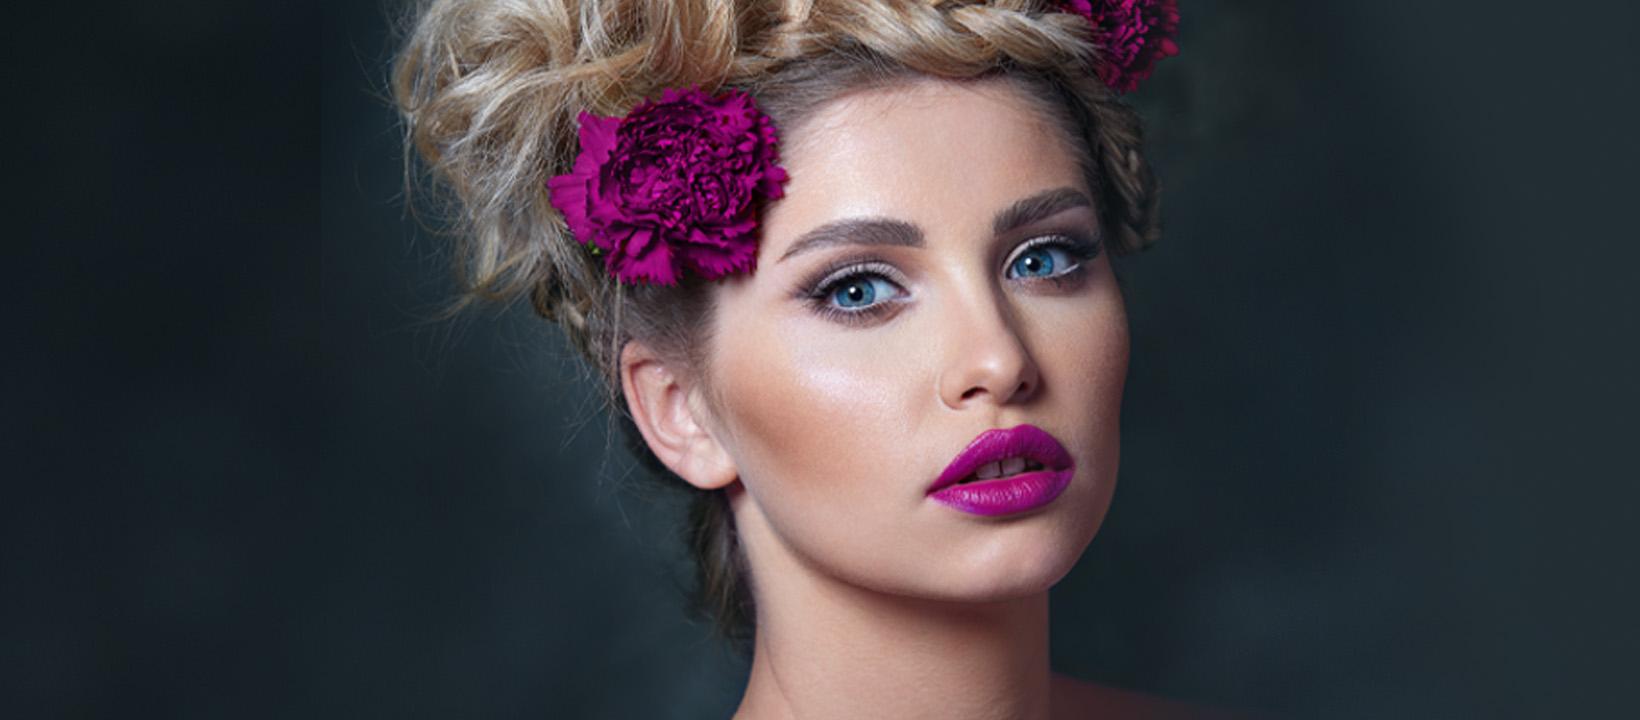 Campionatul Național de Hairstyle și Make-up